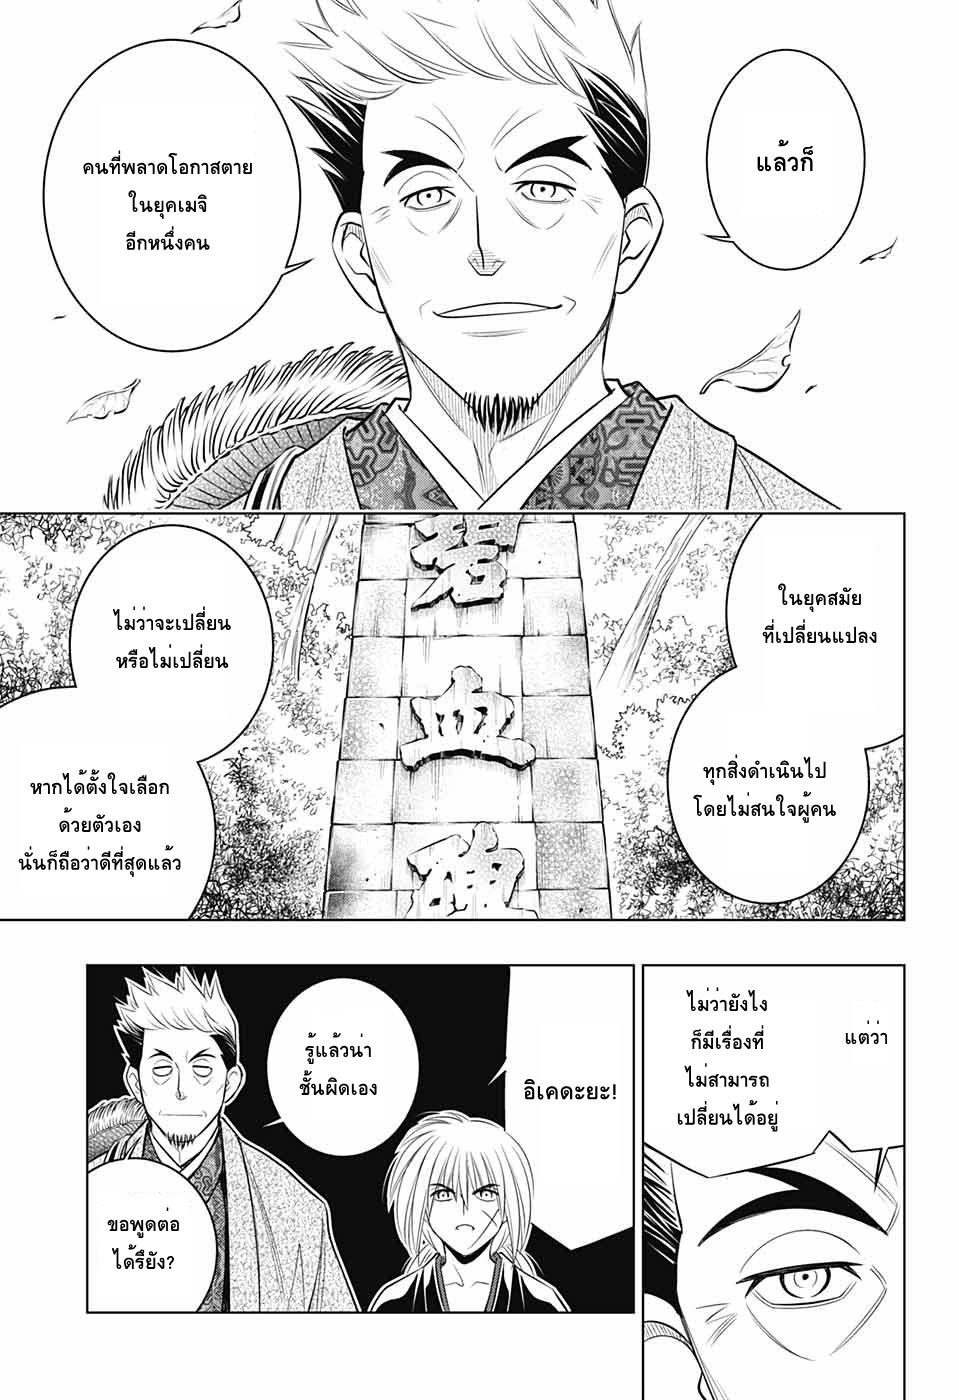 อ่านการ์ตูน Rurouni Kenshin: Hokkaido Arc ตอนที่ 15 หน้าที่ 18